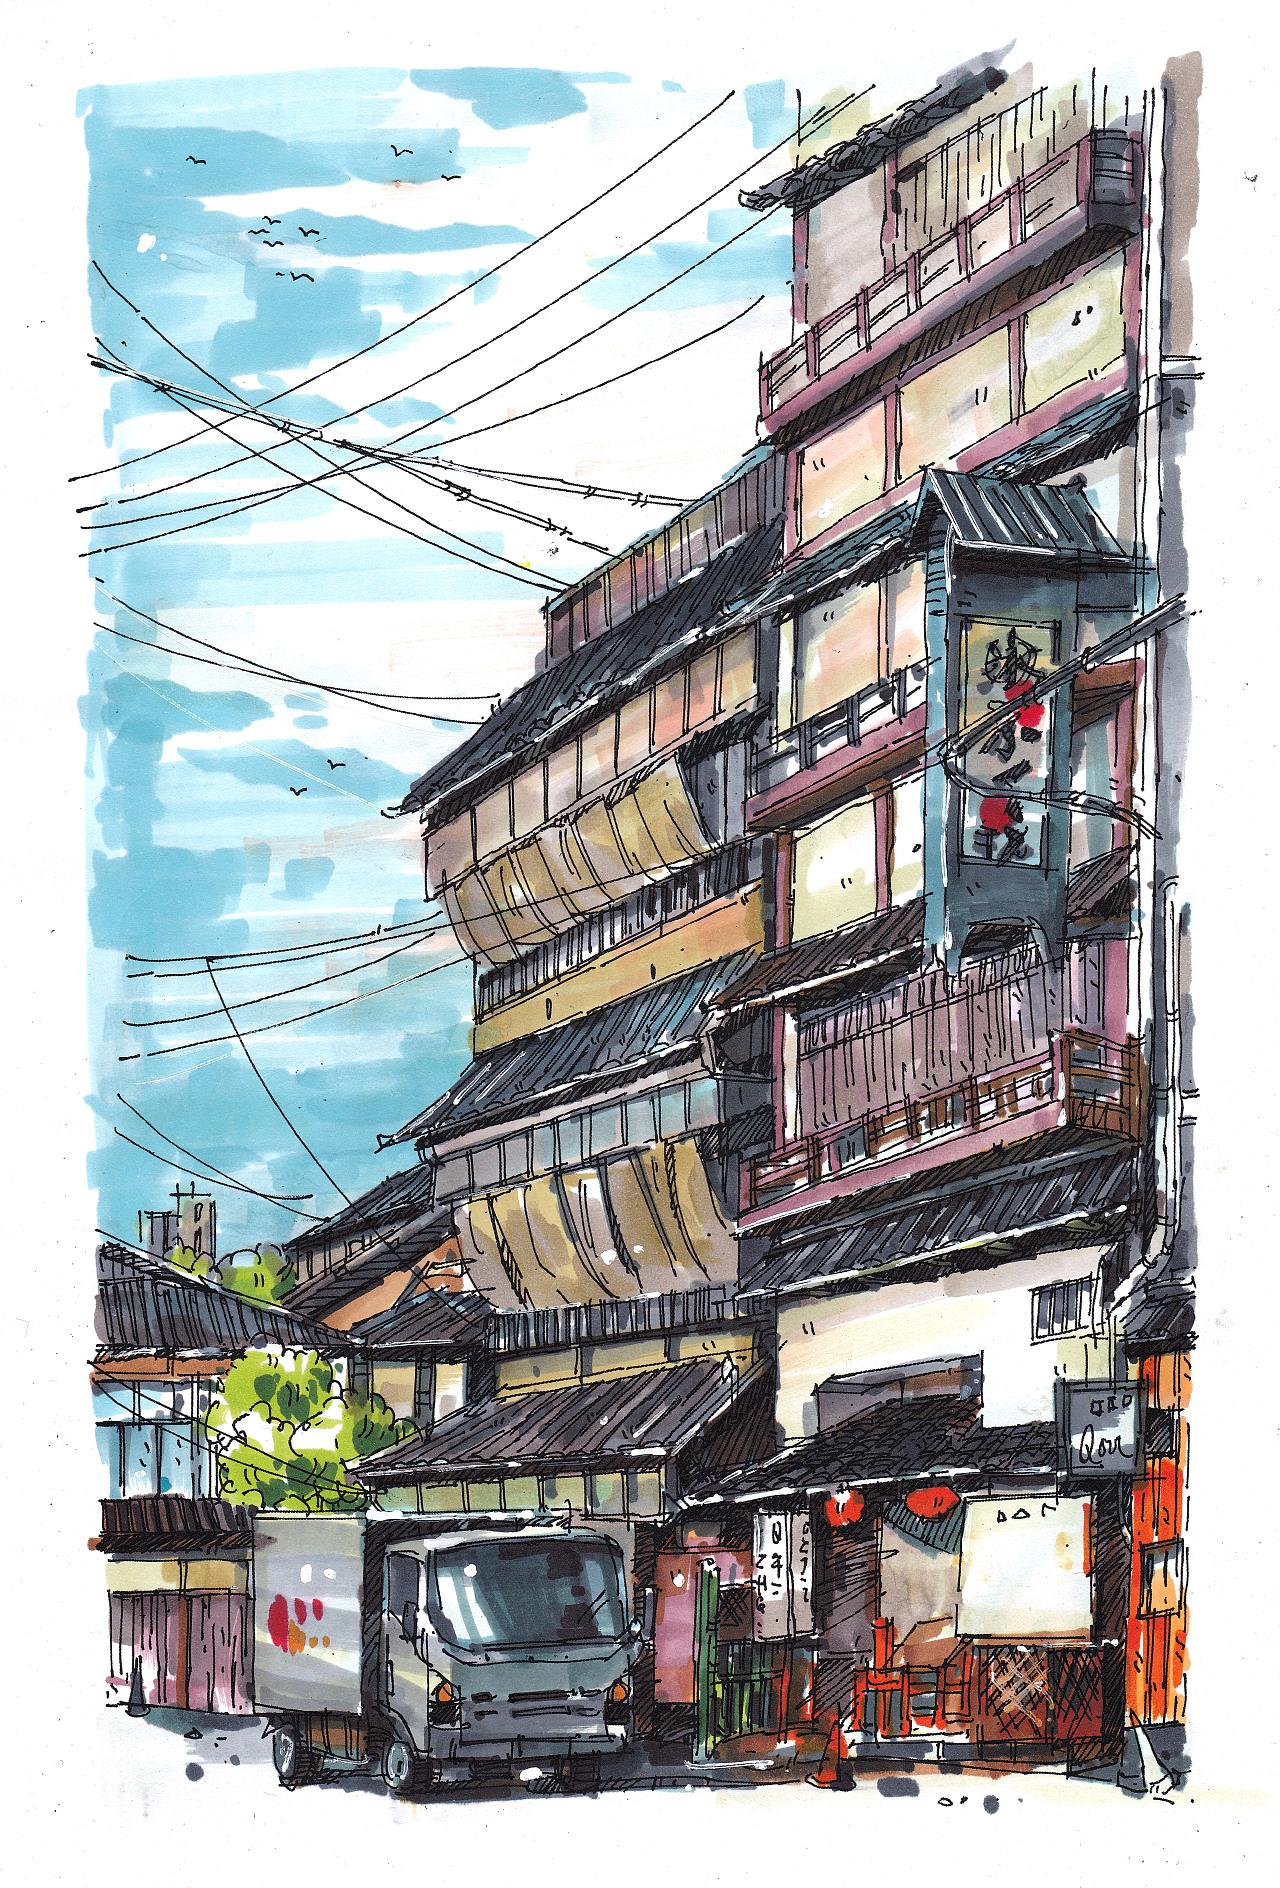 马克笔风景手绘---日本街景|插画|商业插画|谭泽鸿